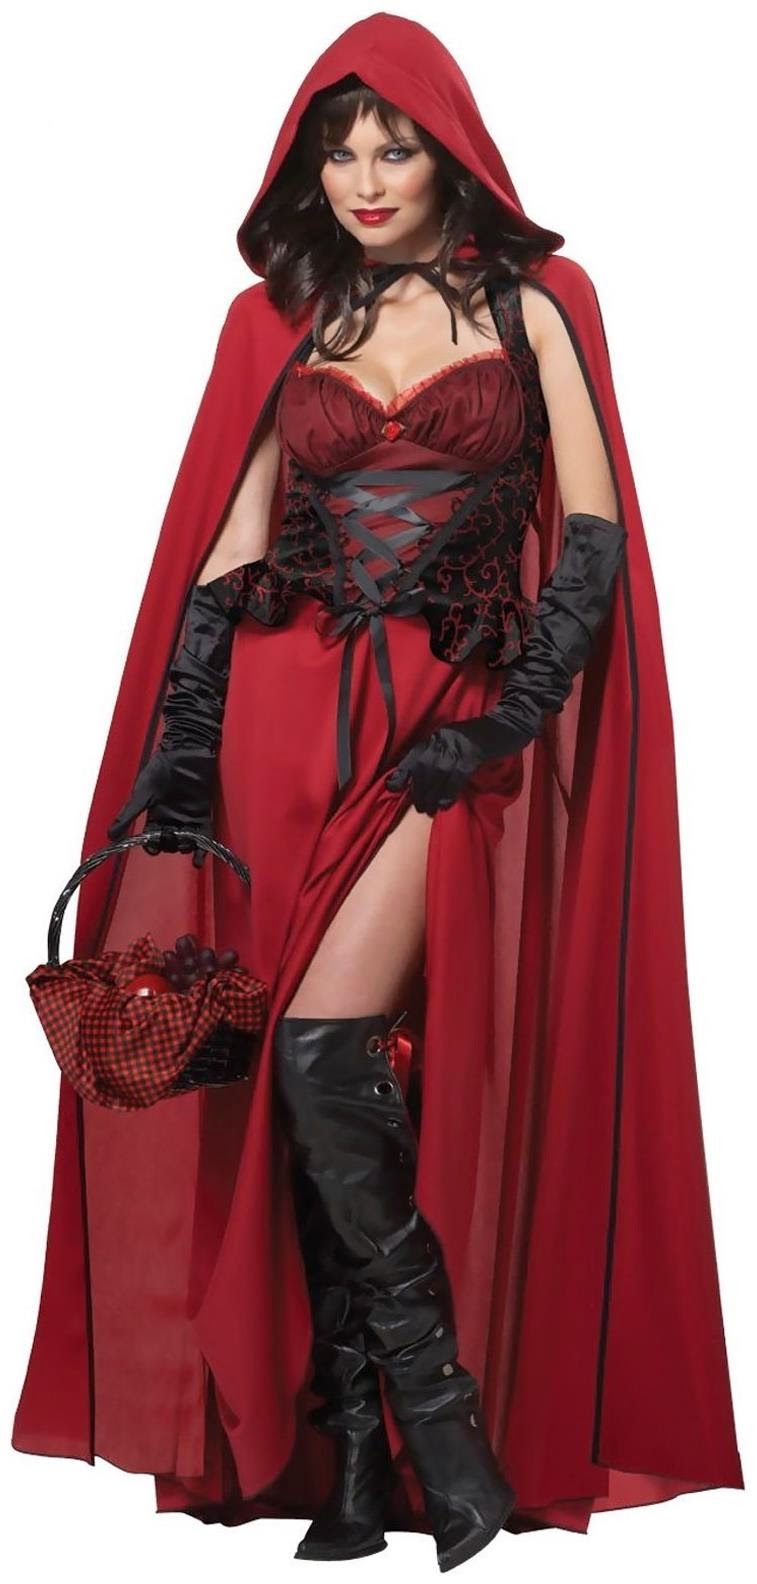 Fancy Red Dress